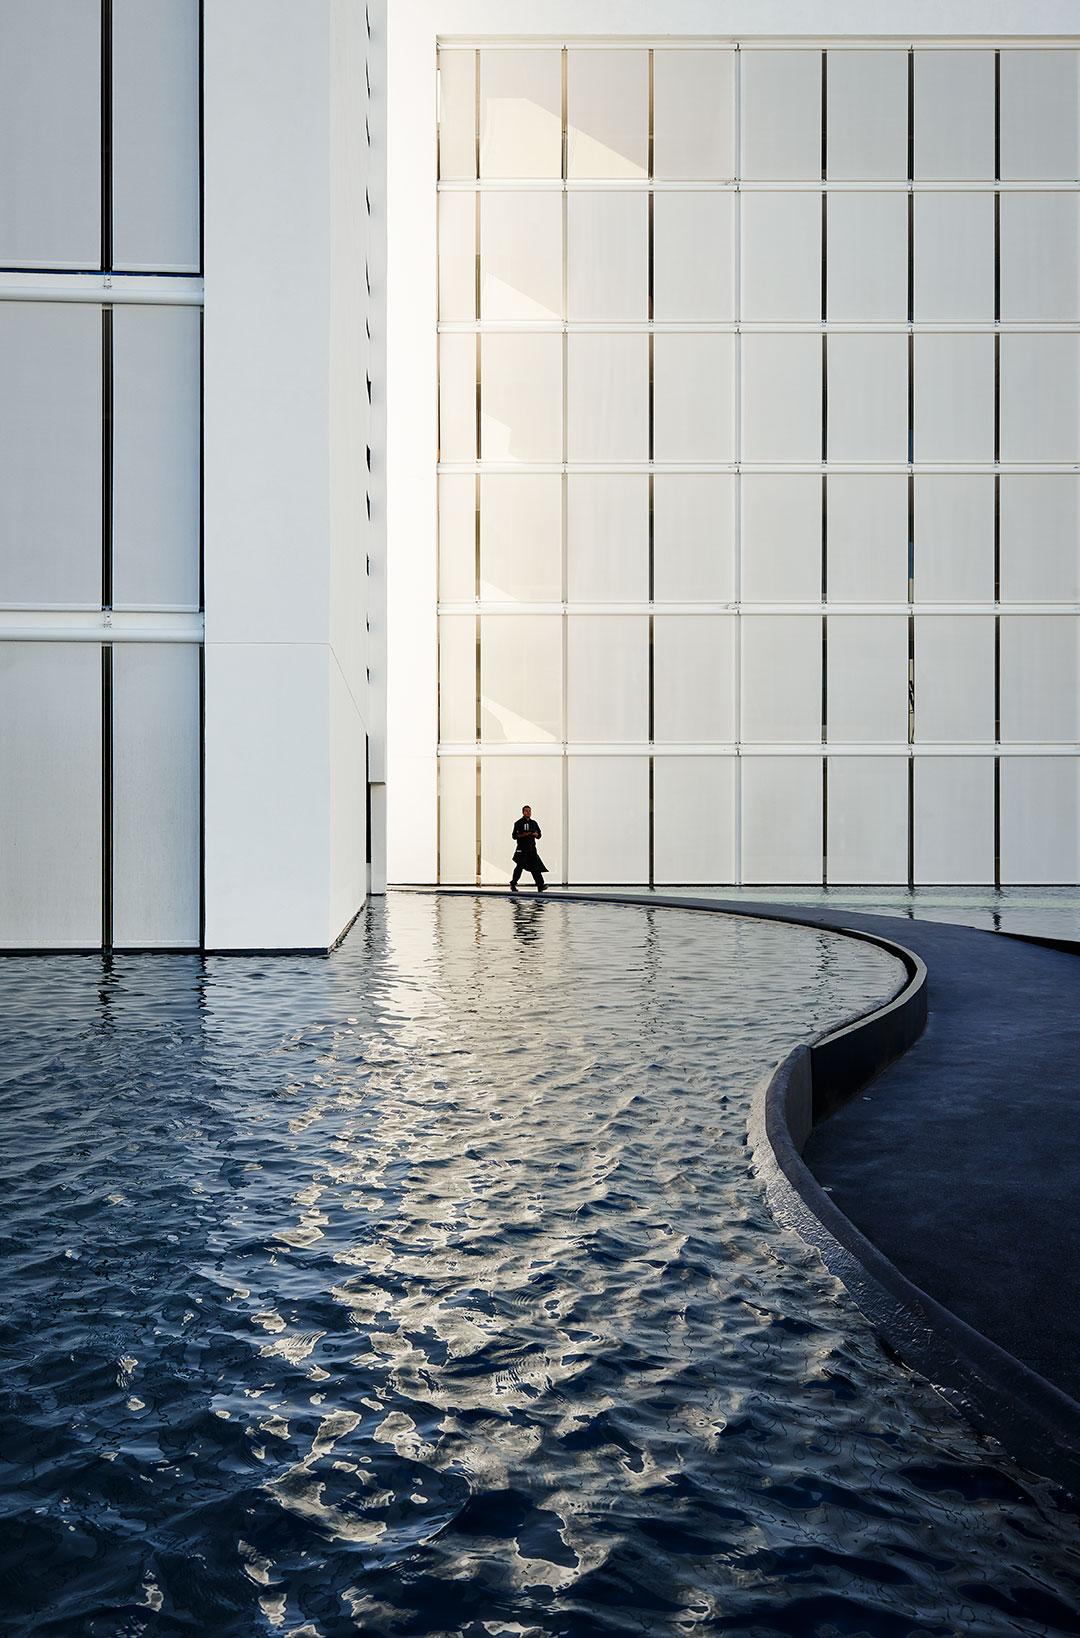 Mar adentro por miguel ngel aragon s metalocus for Hotel con piso de vidrio sobre el mar